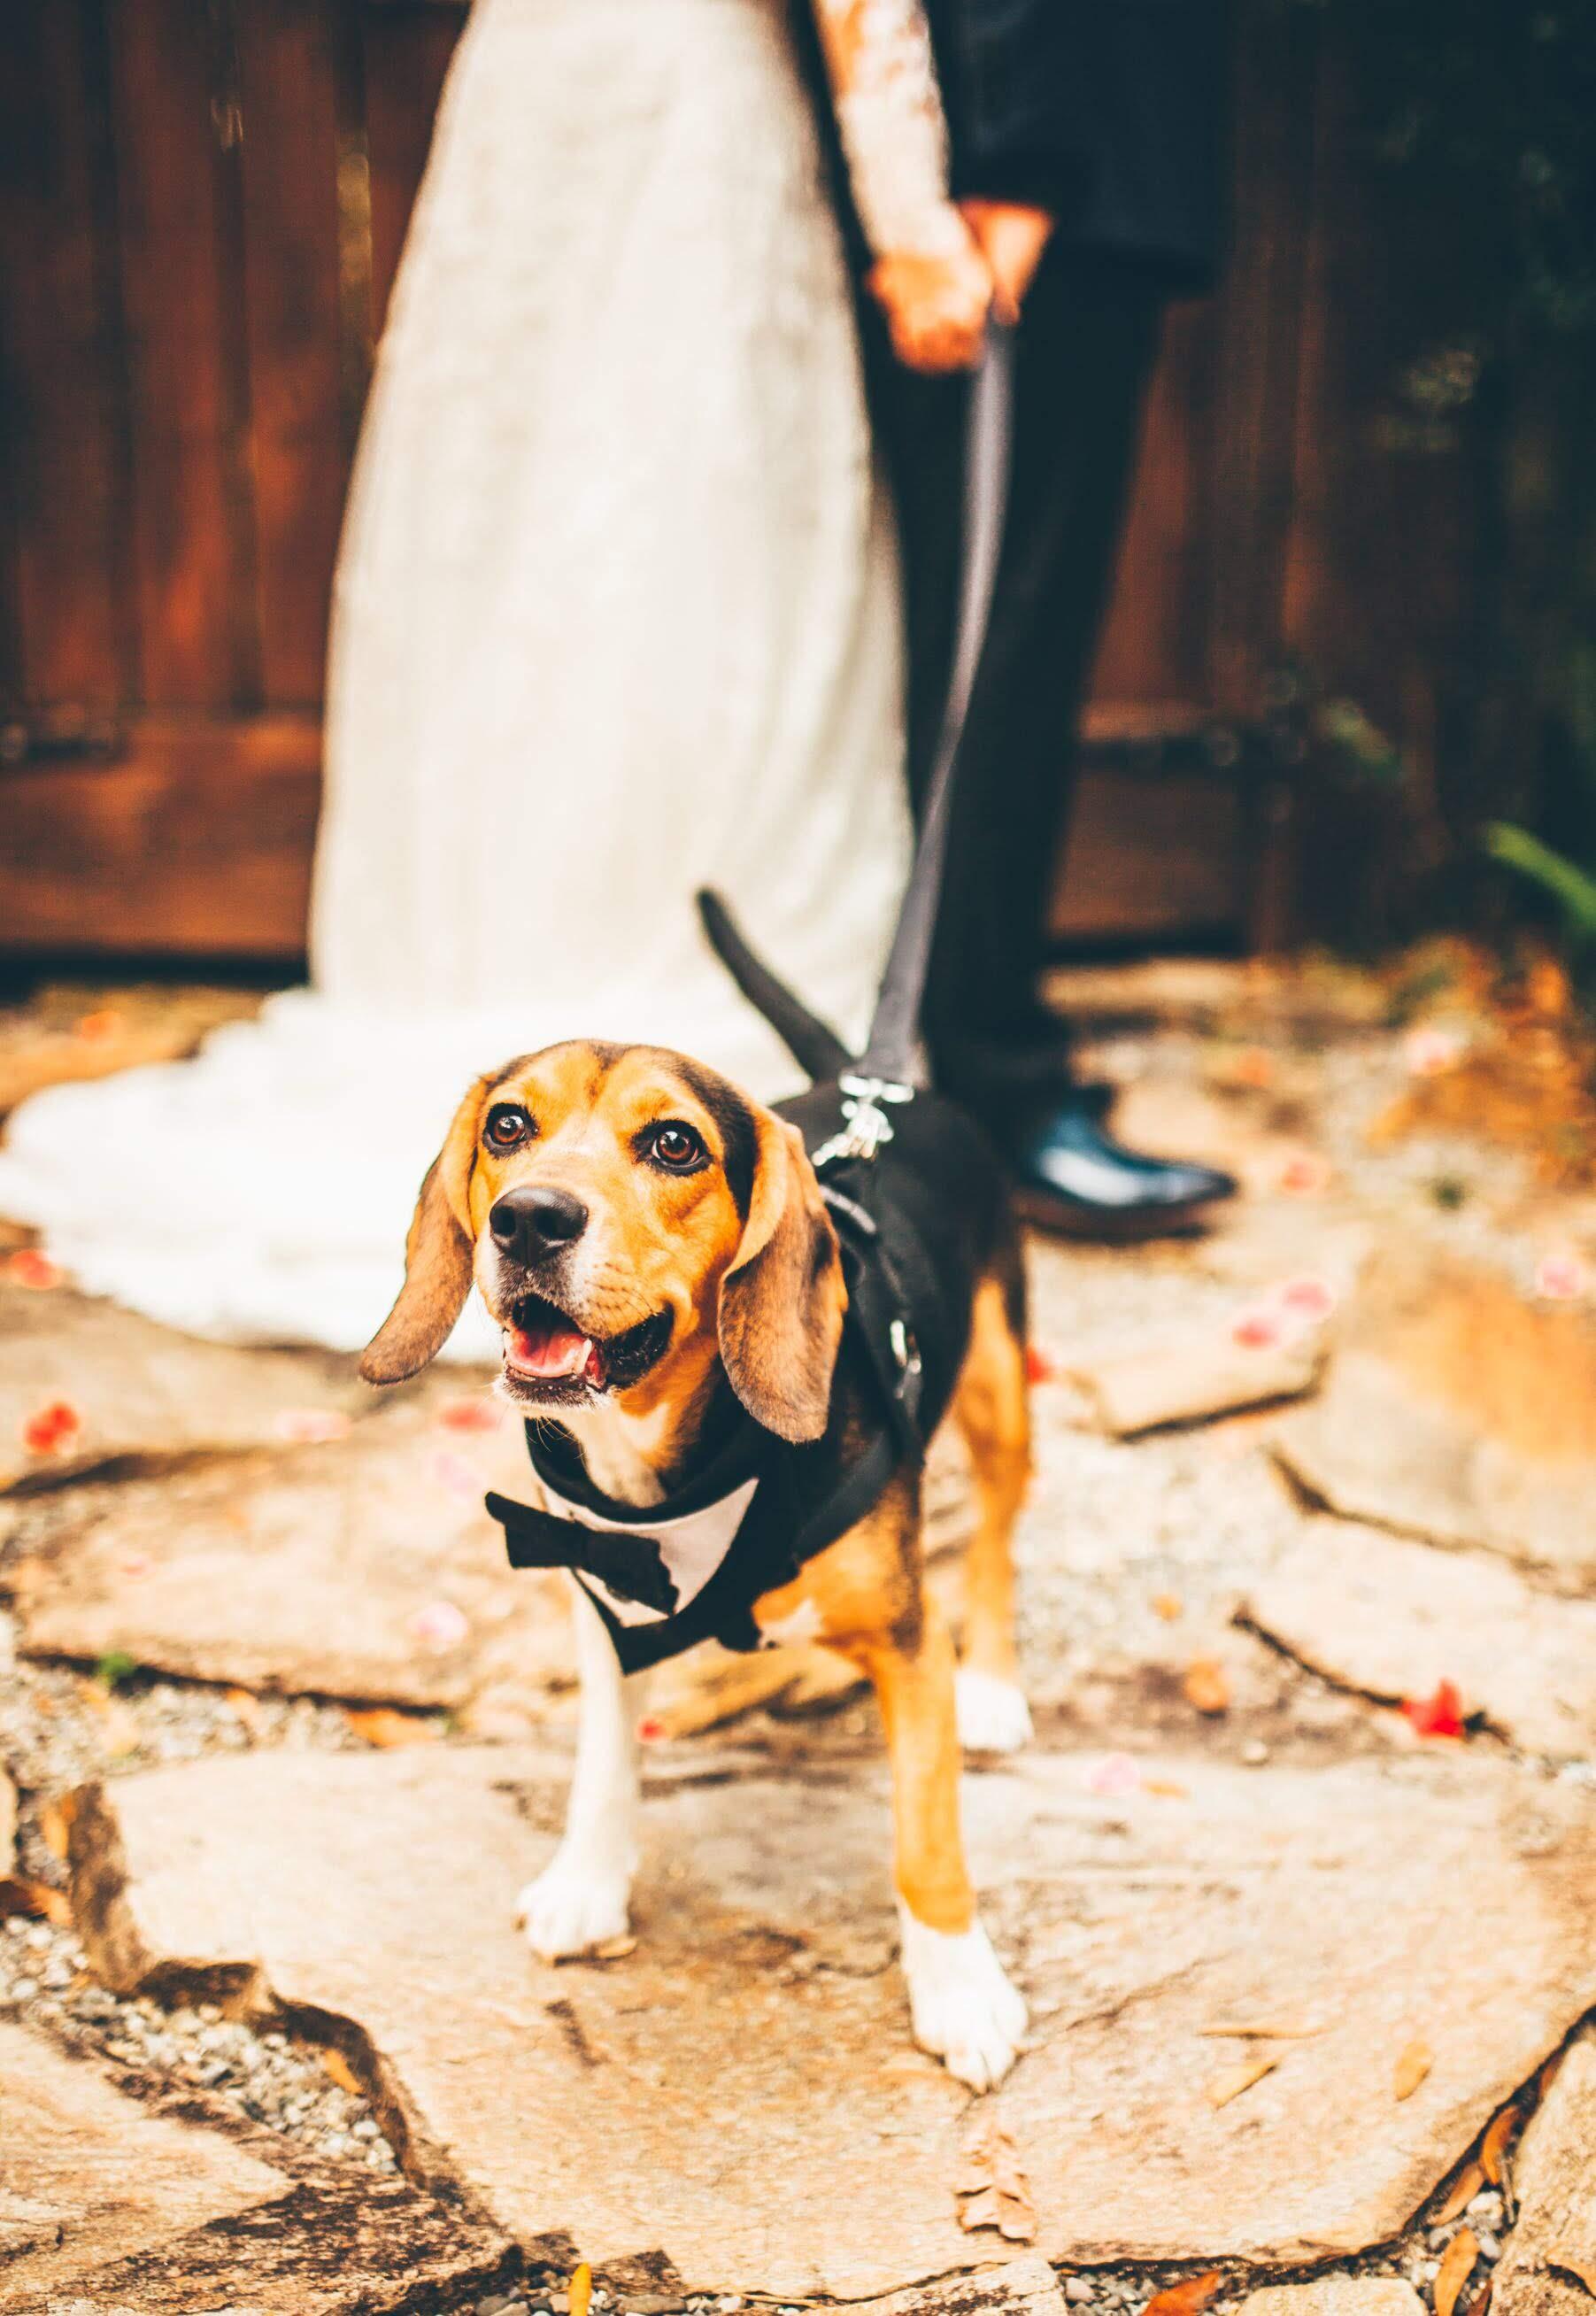 beagle-in-tuxedo